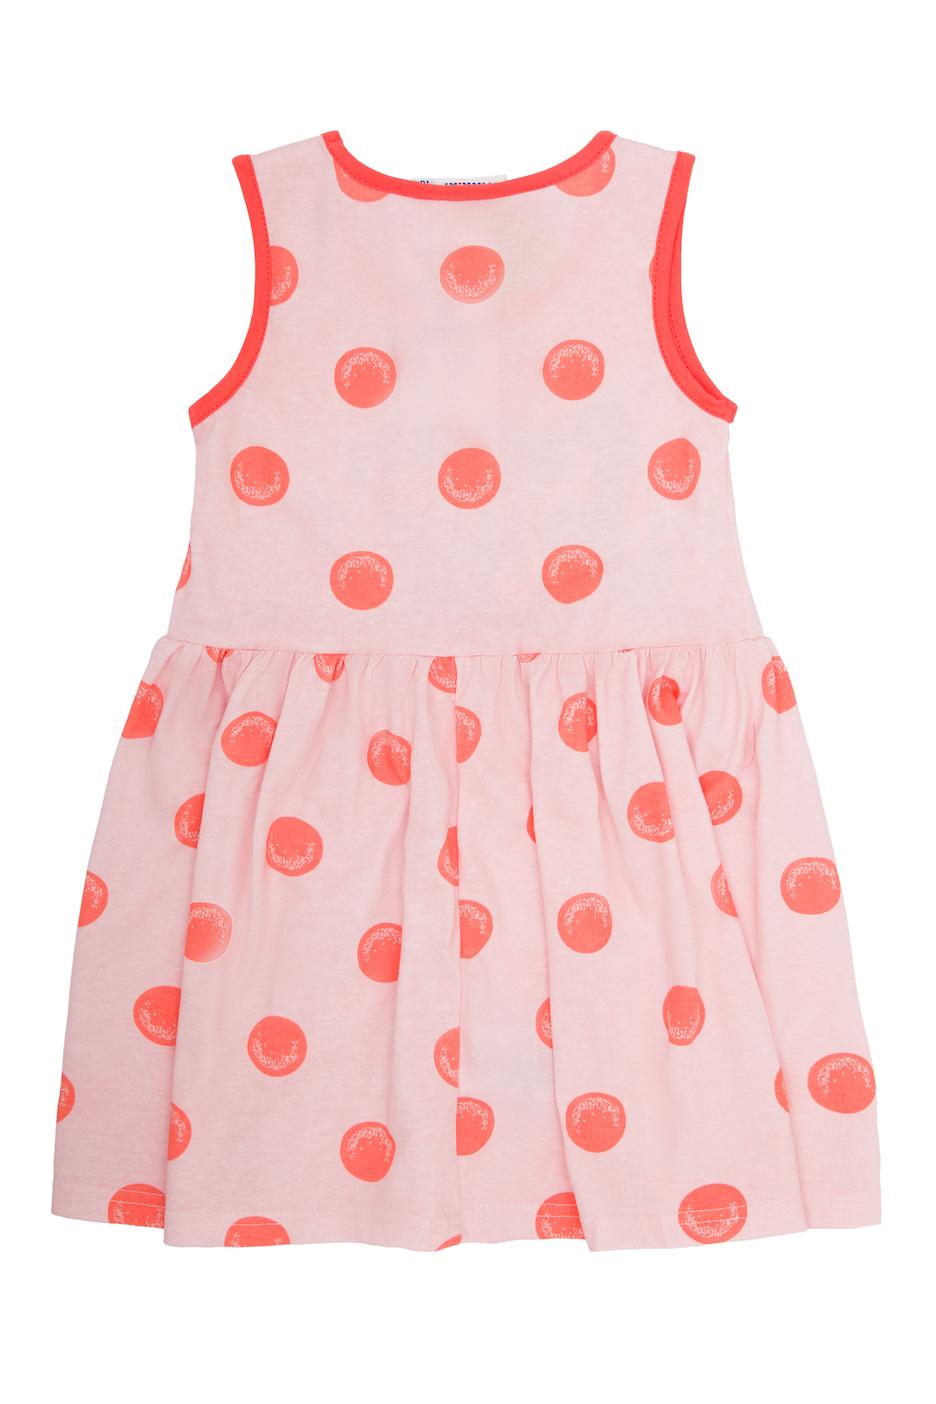 Dívčí šaty Summer Světle-růžová